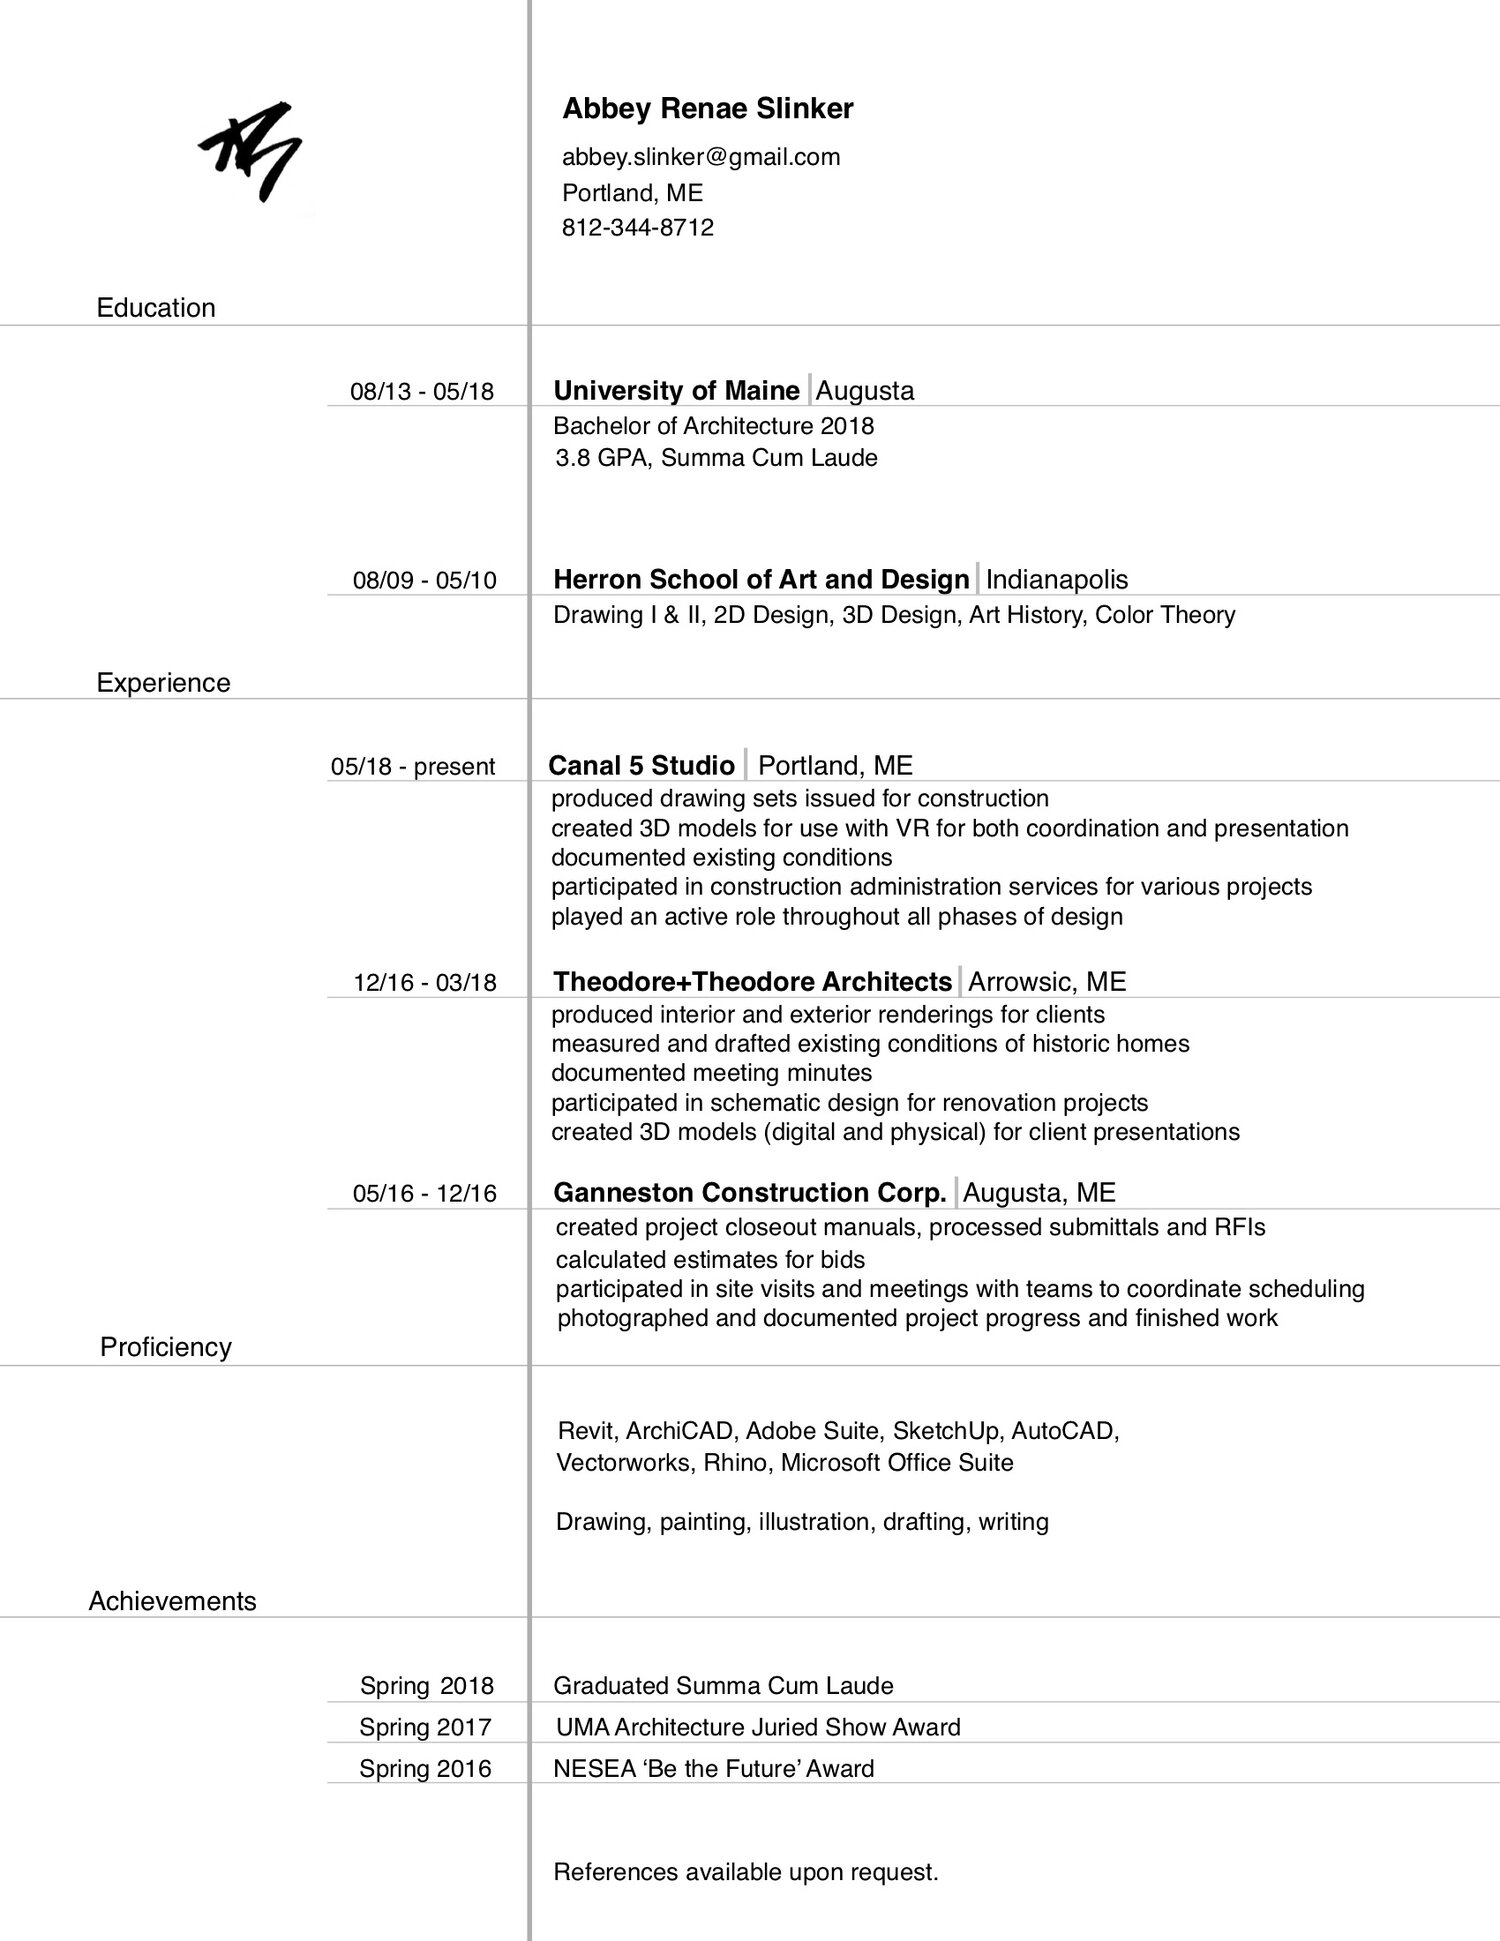 Abbey Slinker Resume 9-12.jpg